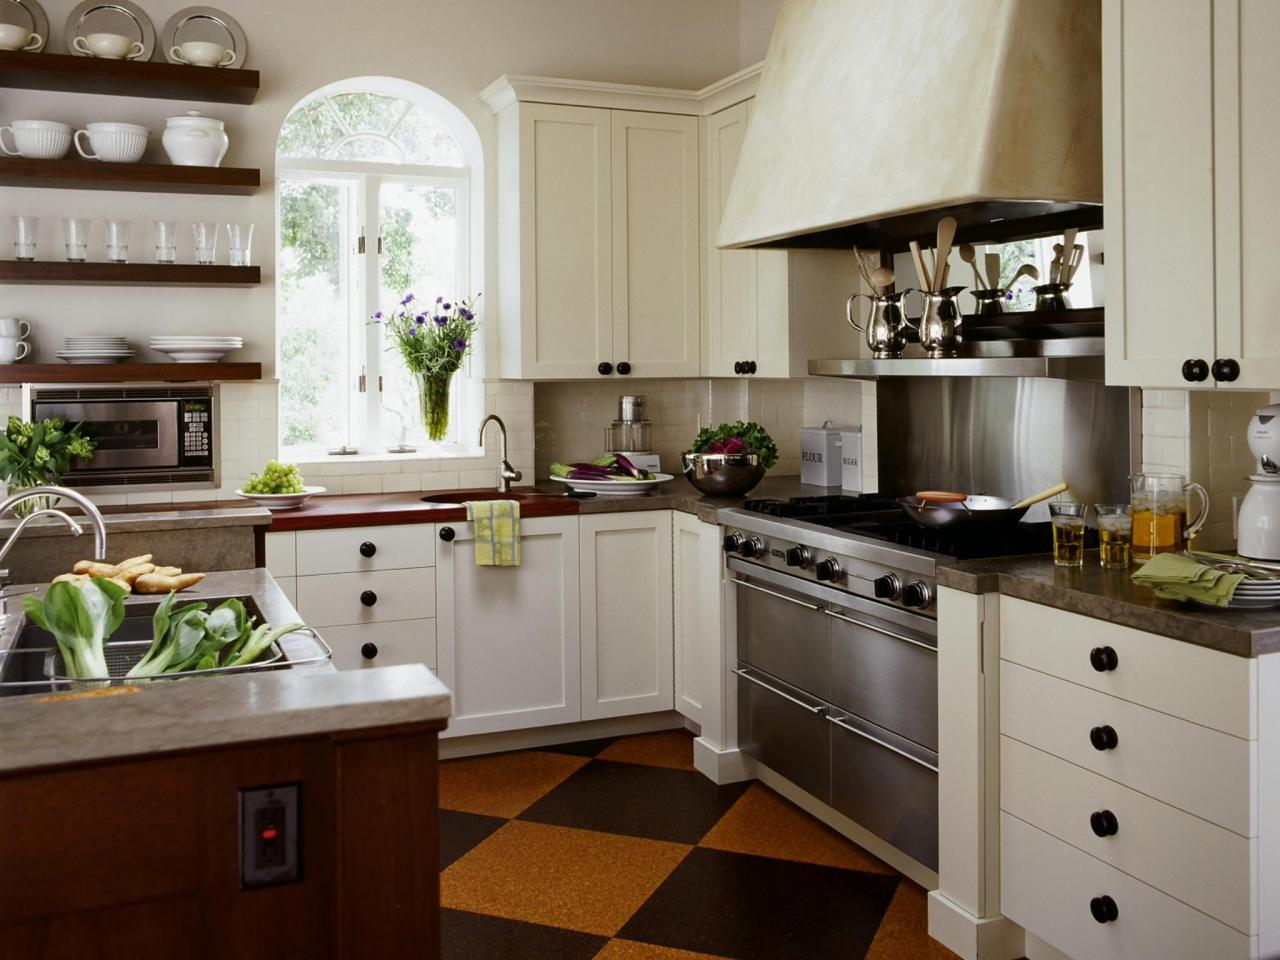 Окно арочное на кухне